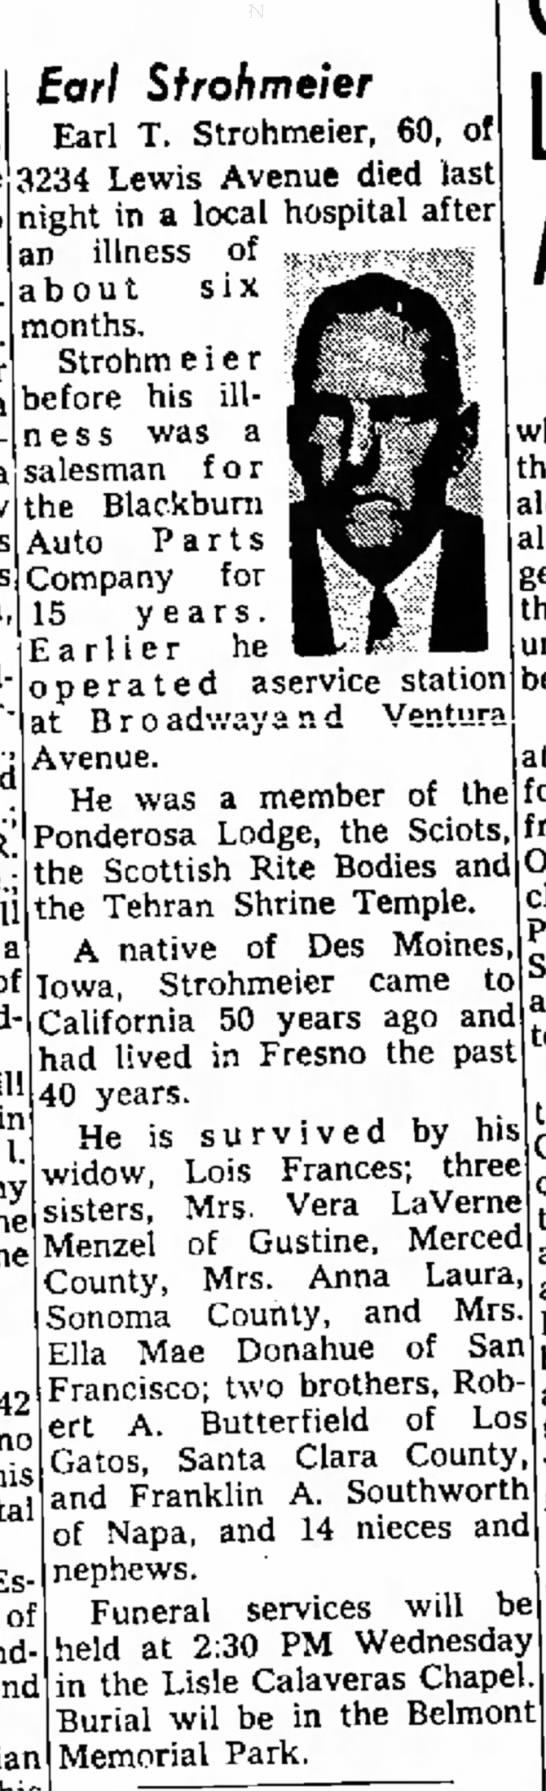 Earl (Herold) Strohmeier--15 Feb 1965 The Fresno Bee The Republican, Fresno, California